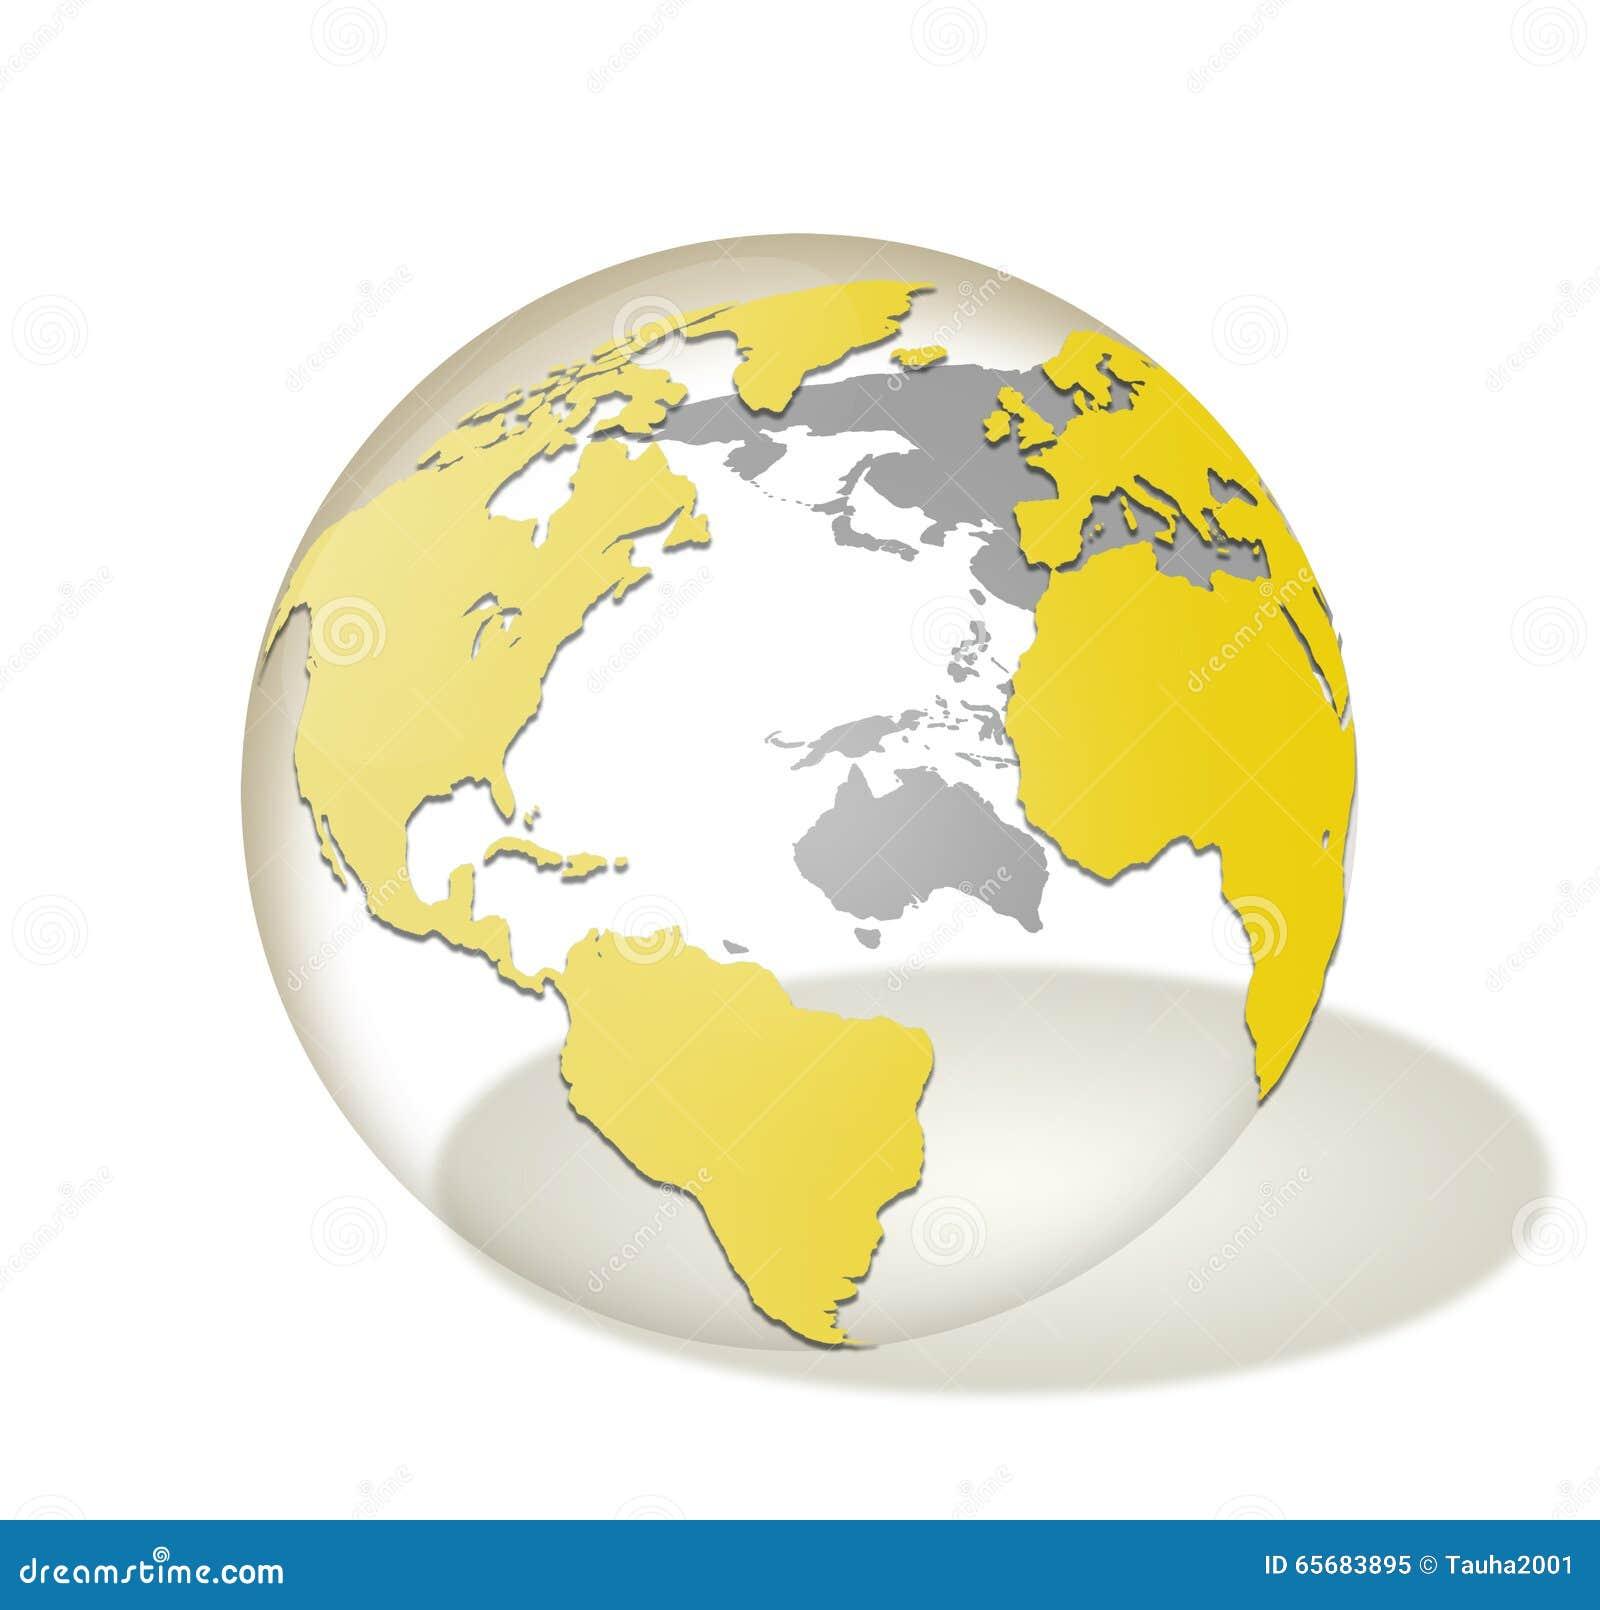 transparent glass world globe isolated stock image image